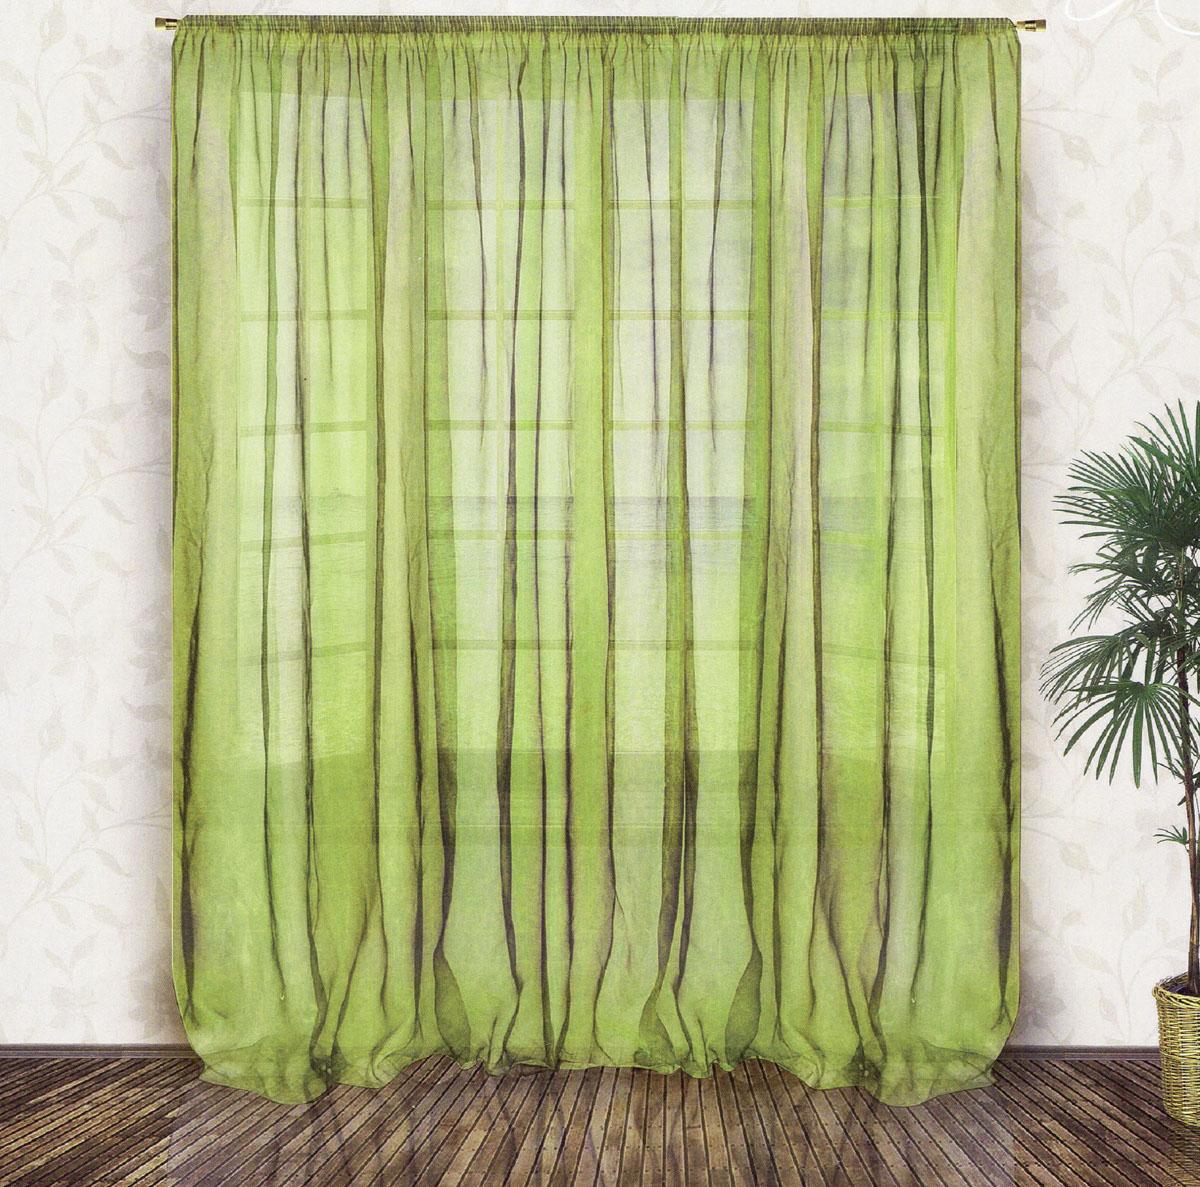 Тюль Zlata Korunka, на ленте, цвет: зеленый, высота 250 см. 5553355533Тюль Zlata Korunka, изготовленный из органзы (100% полиэстера), великолепно украсит любое окно. Воздушная ткань и приятная, приглушенная гамма привлекут к себе внимание и органично впишутся в интерьер помещения. Полиэстер - вид ткани, состоящий из полиэфирных волокон. Ткани из полиэстера - легкие, прочные и износостойкие. Такие изделия не требуют специального ухода, не пылятся и почти не мнутся. Тюль крепится на карниз при помощи ленты, которая поможет красиво и равномерно задрапировать верх. Такой тюль идеально оформит интерьер любого помещения.